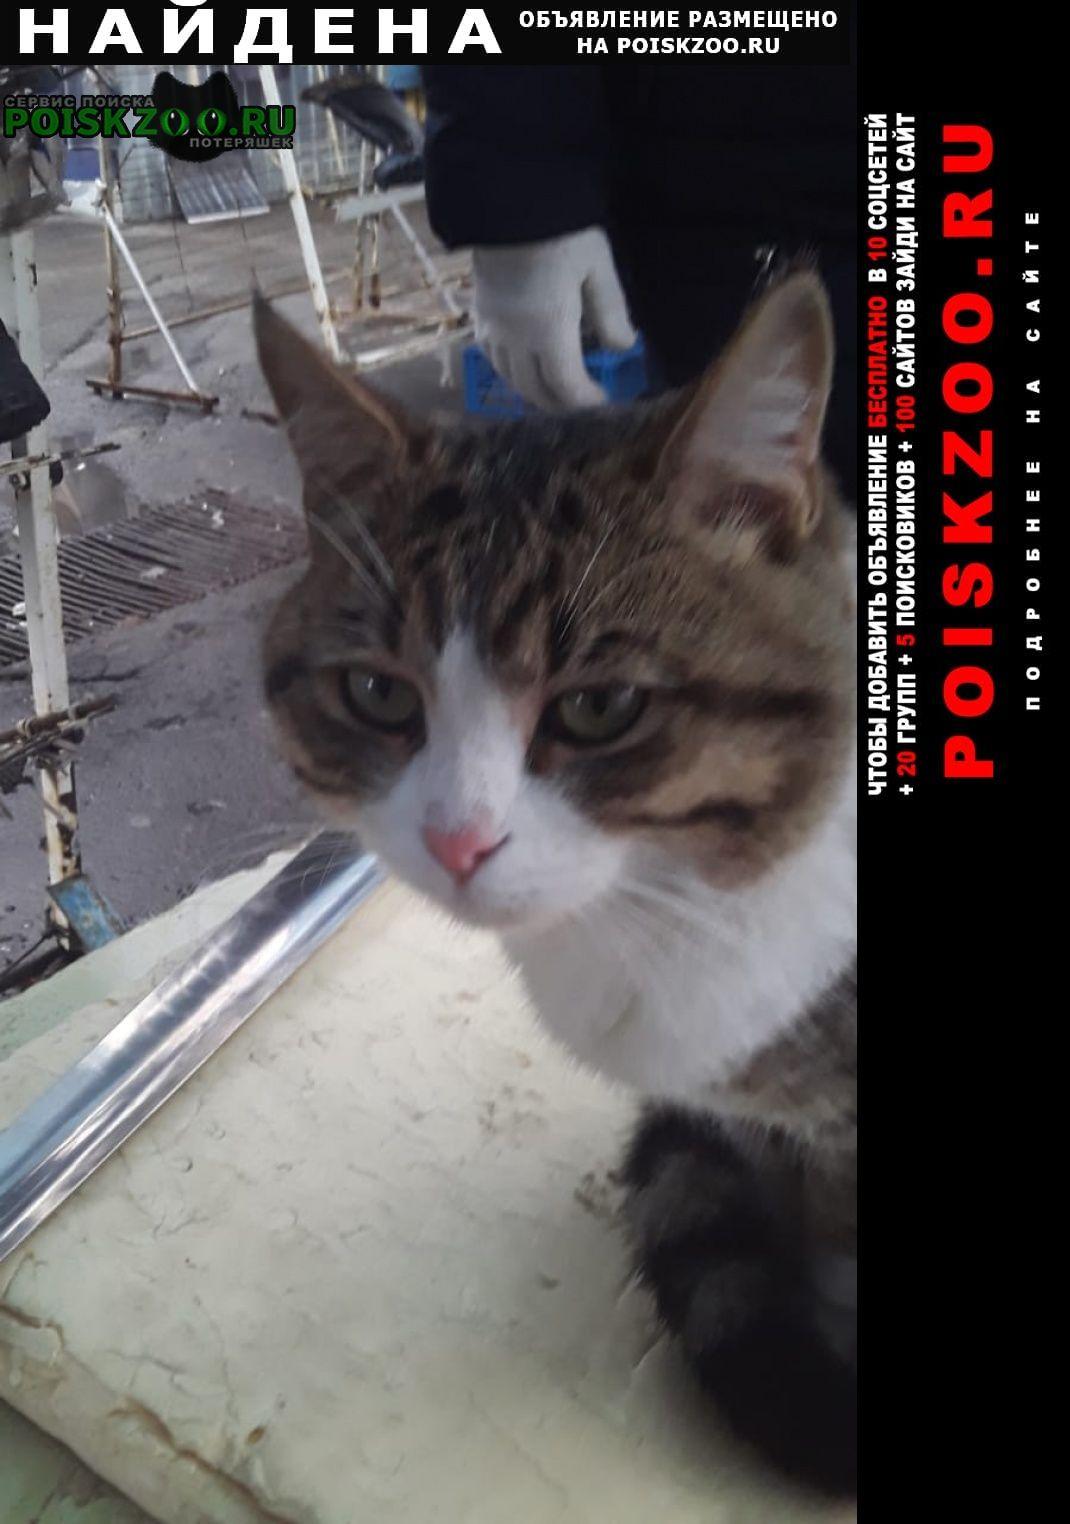 Найден кот Казань